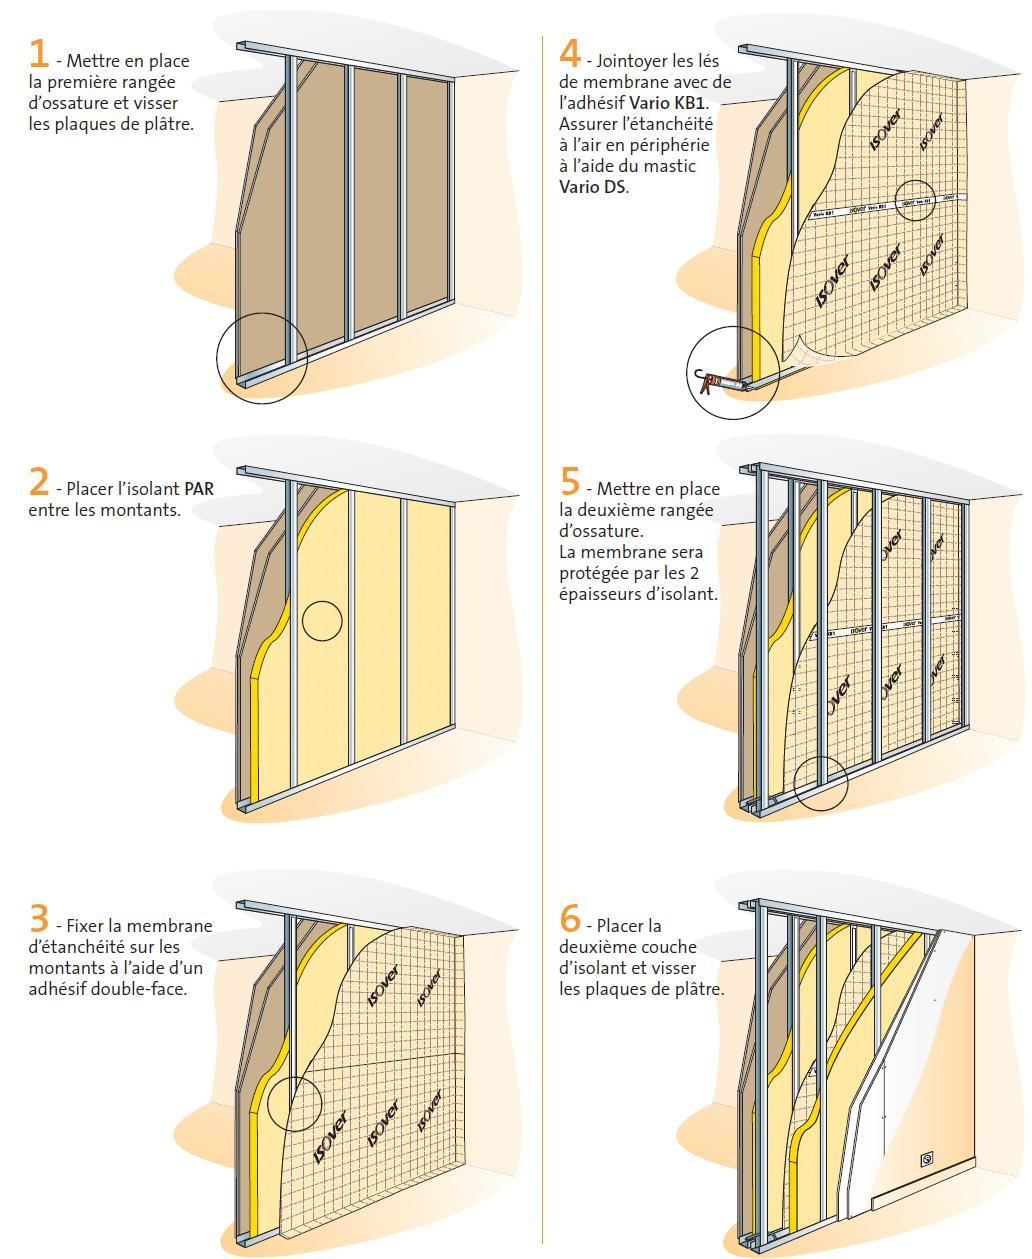 tanch it l 39 air des cloisons d 39 une maison. Black Bedroom Furniture Sets. Home Design Ideas